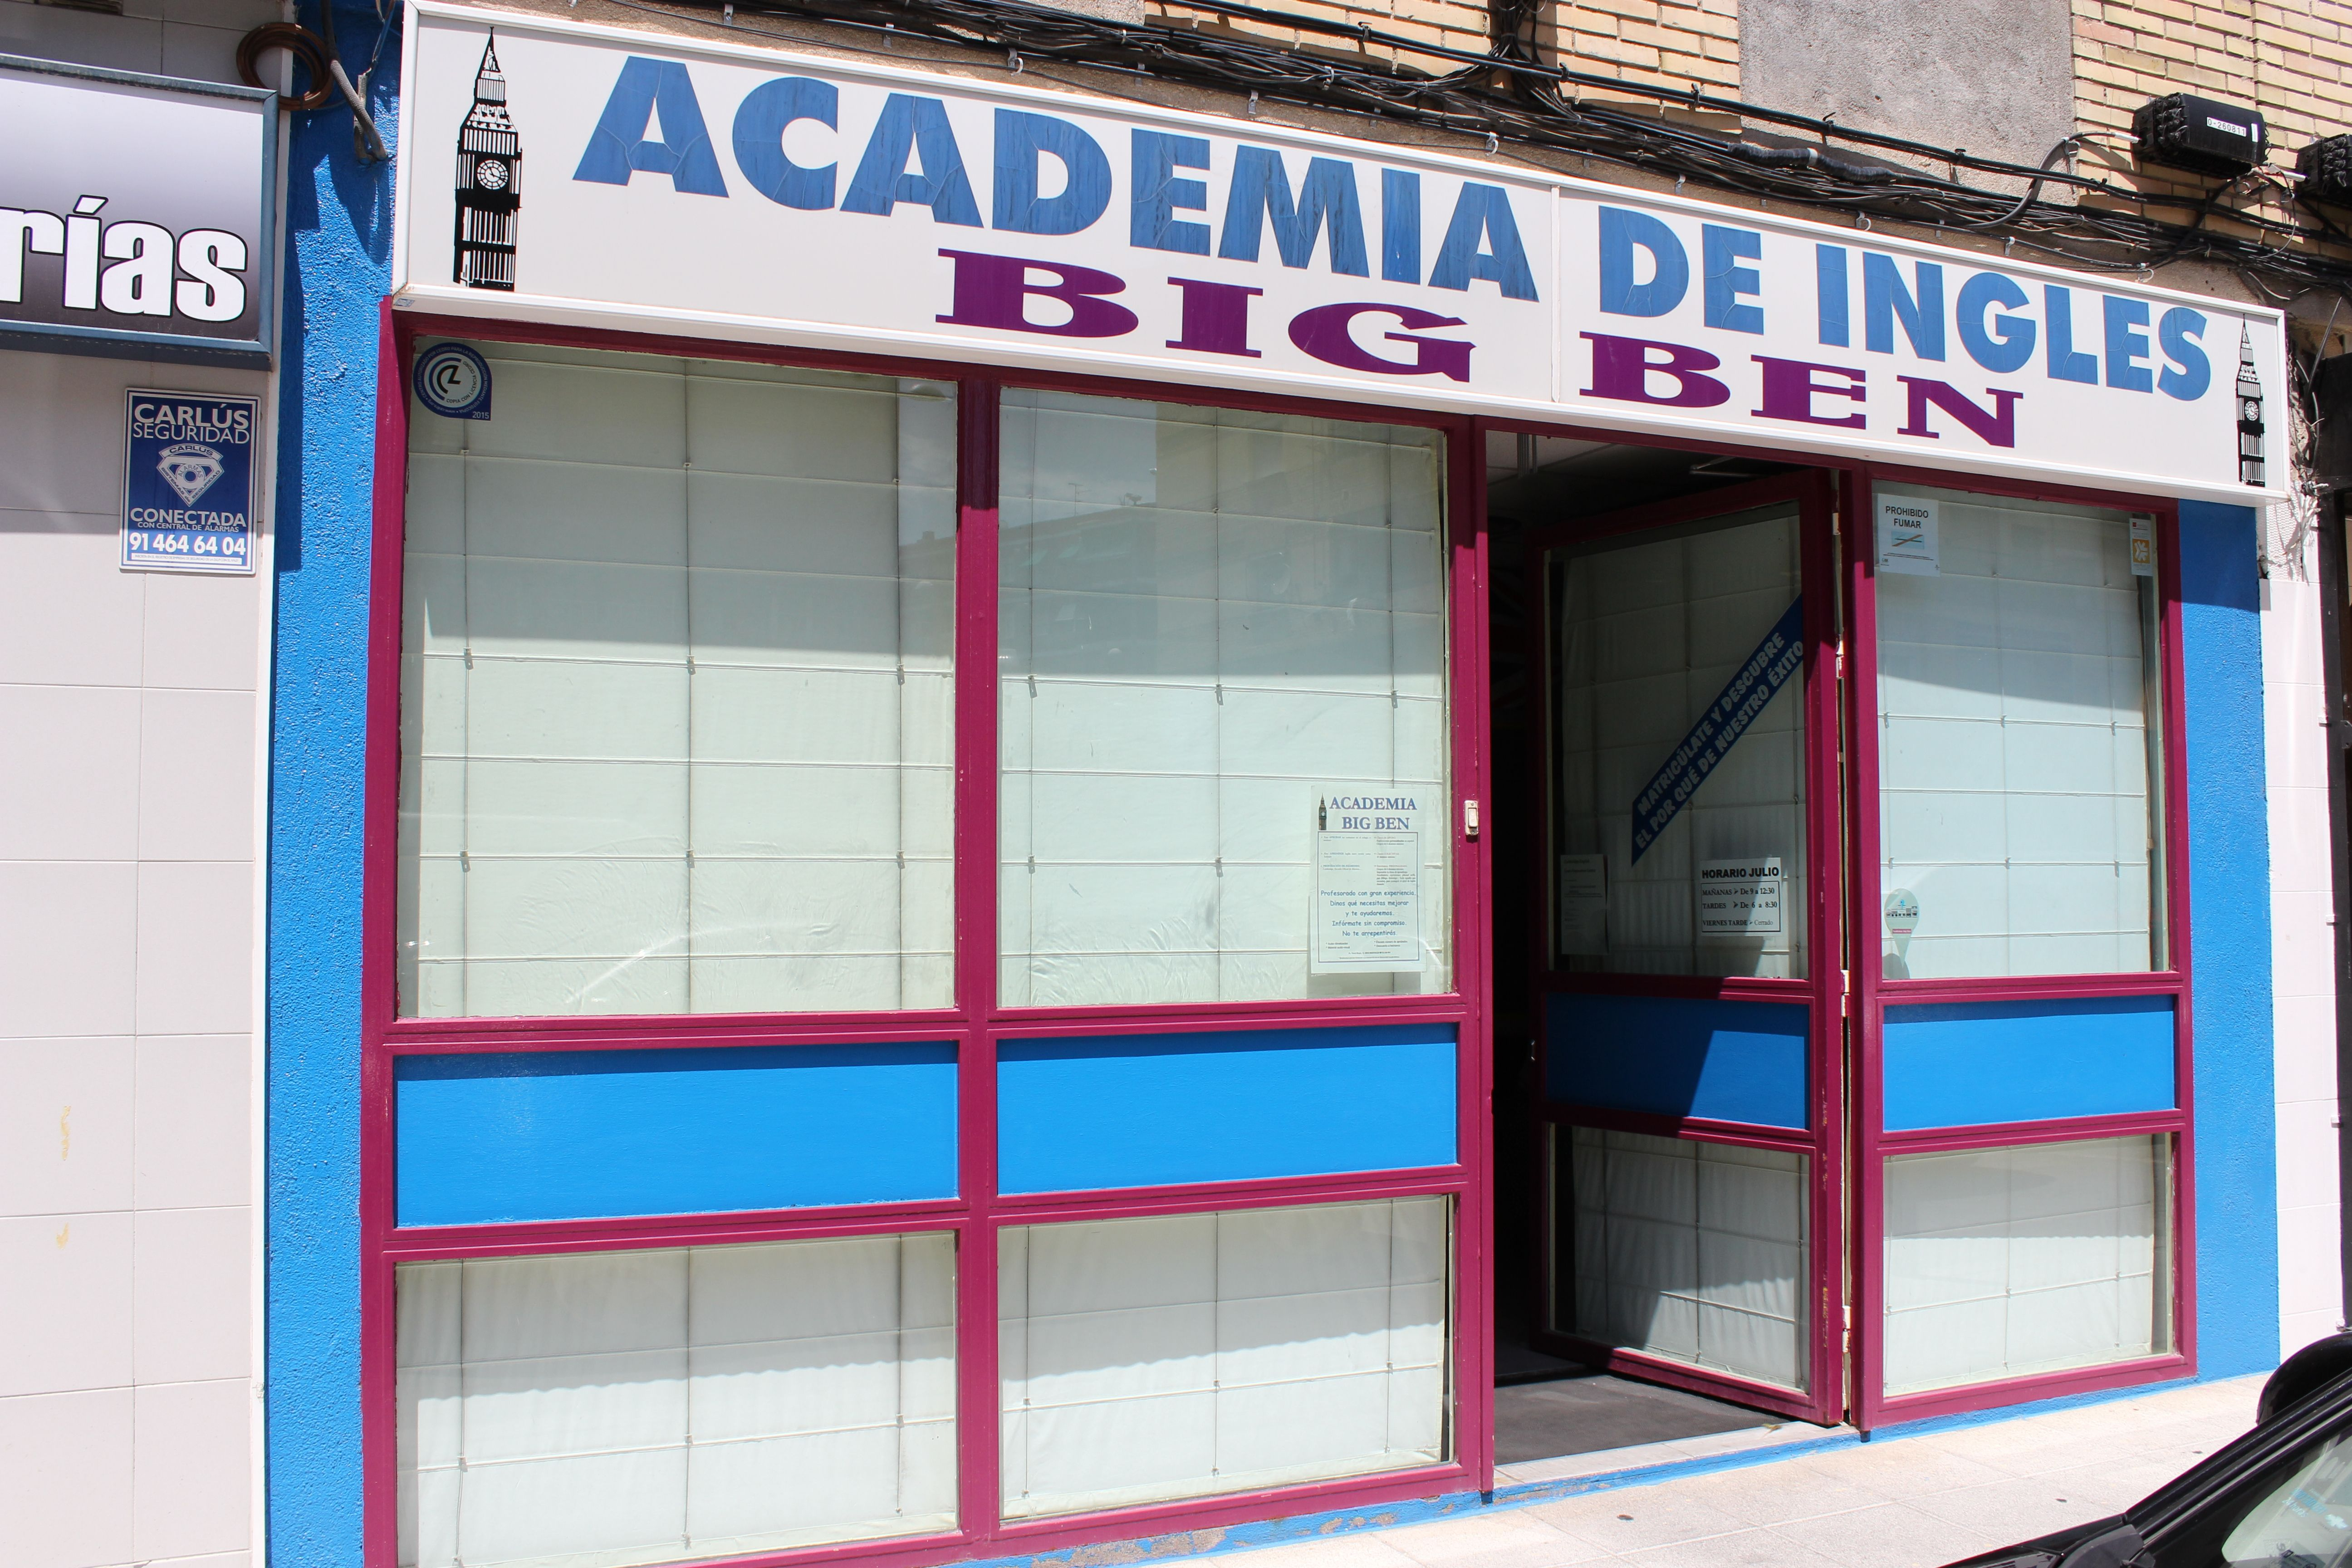 Foto 2 de Academias de idiomas en Móstoles | Academia Big Ben